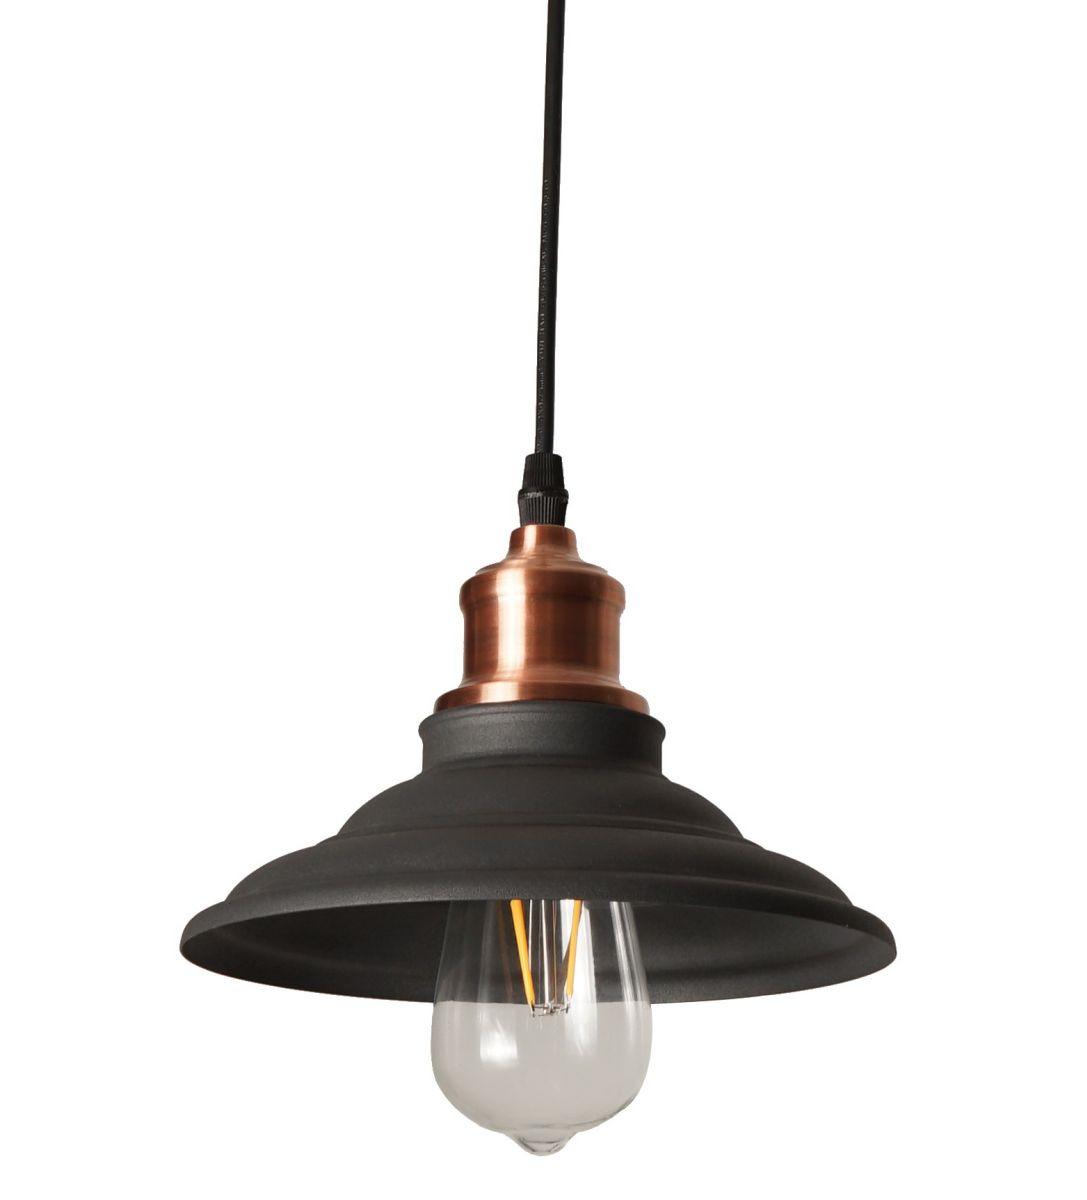 Подвесной светильник Arte Lamp Lido, E27, 60 Вт подвесной светильник astral agnes 12 ламп